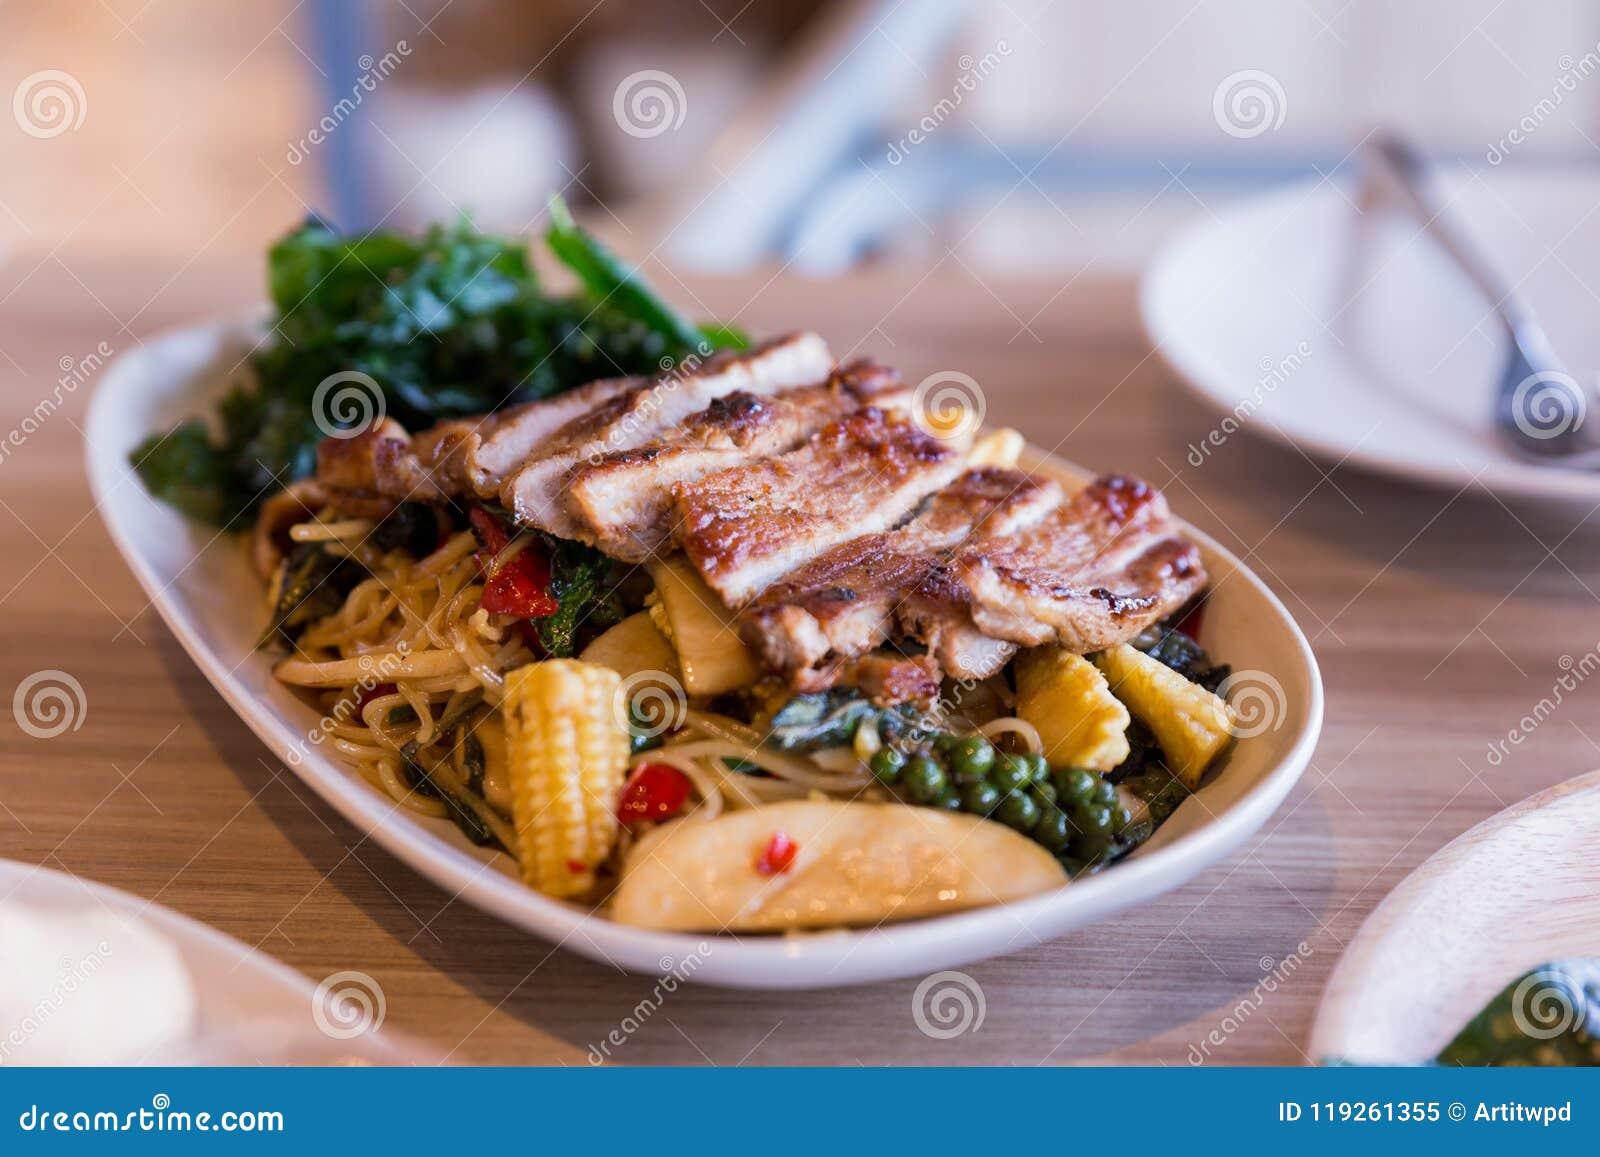 Macarronetes bêbados: O macarronete de ovo frito picante com manjericão e pimenta serviu com carne de porco grelhada